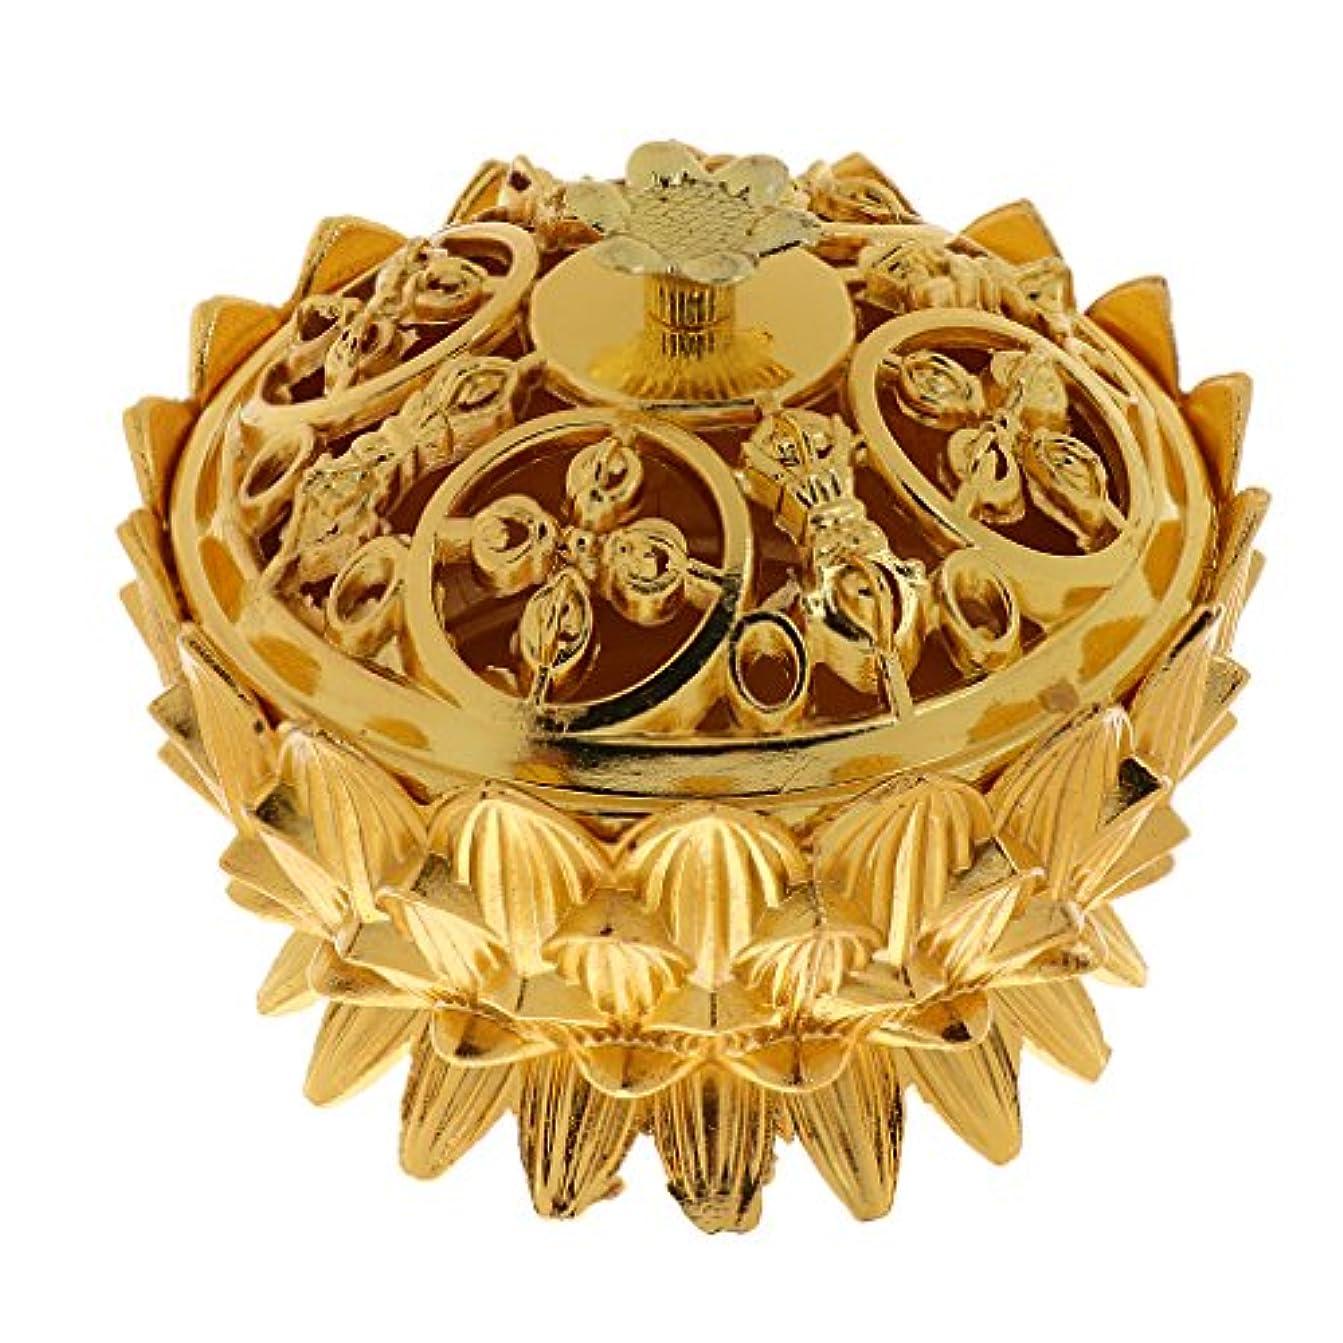 マーキング補うボトルネックFityle 合金 ロータス 香炉 バーナー コーンホルダー 仏教 家 装飾品 全3選択 - #3